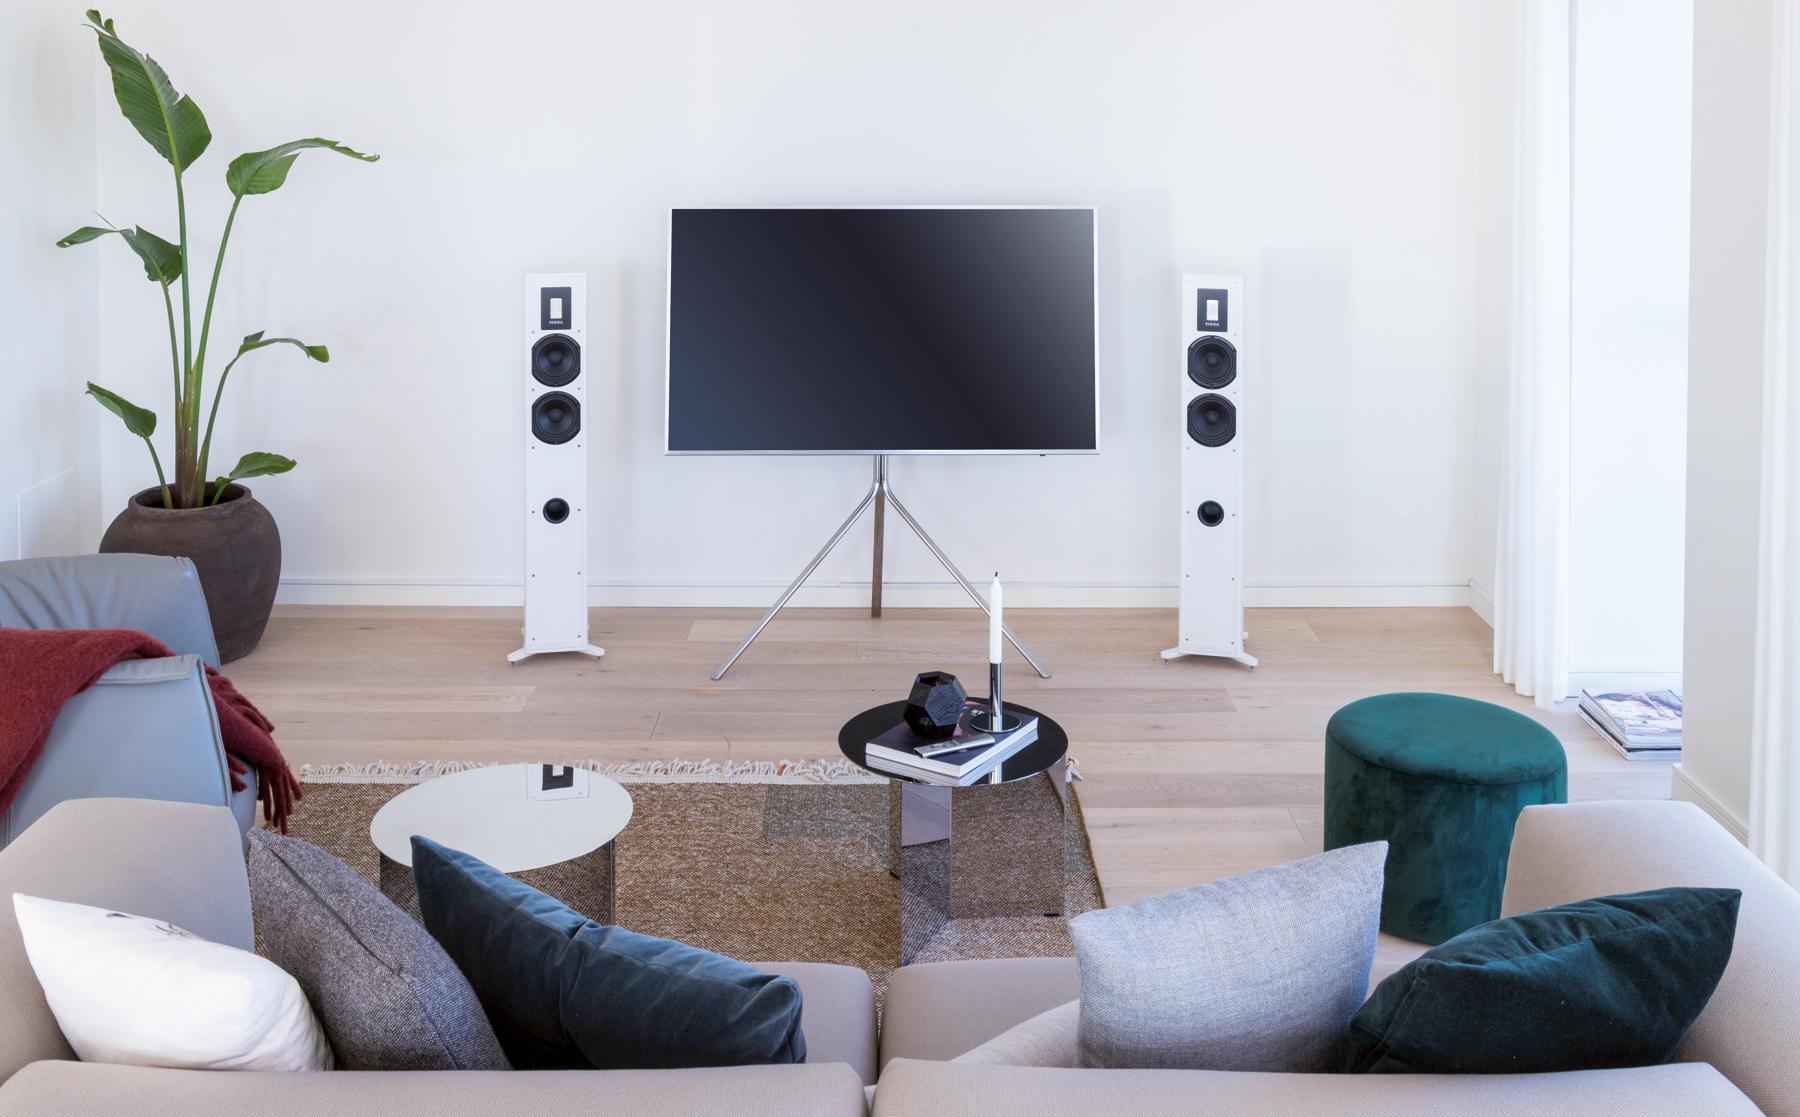 Ob Stimme, Orchester, Elektro oder Einzelinstrument – die Premium Wireless-Serie liefert eine inspirierenden Sound-Erfahrung. piega.ch